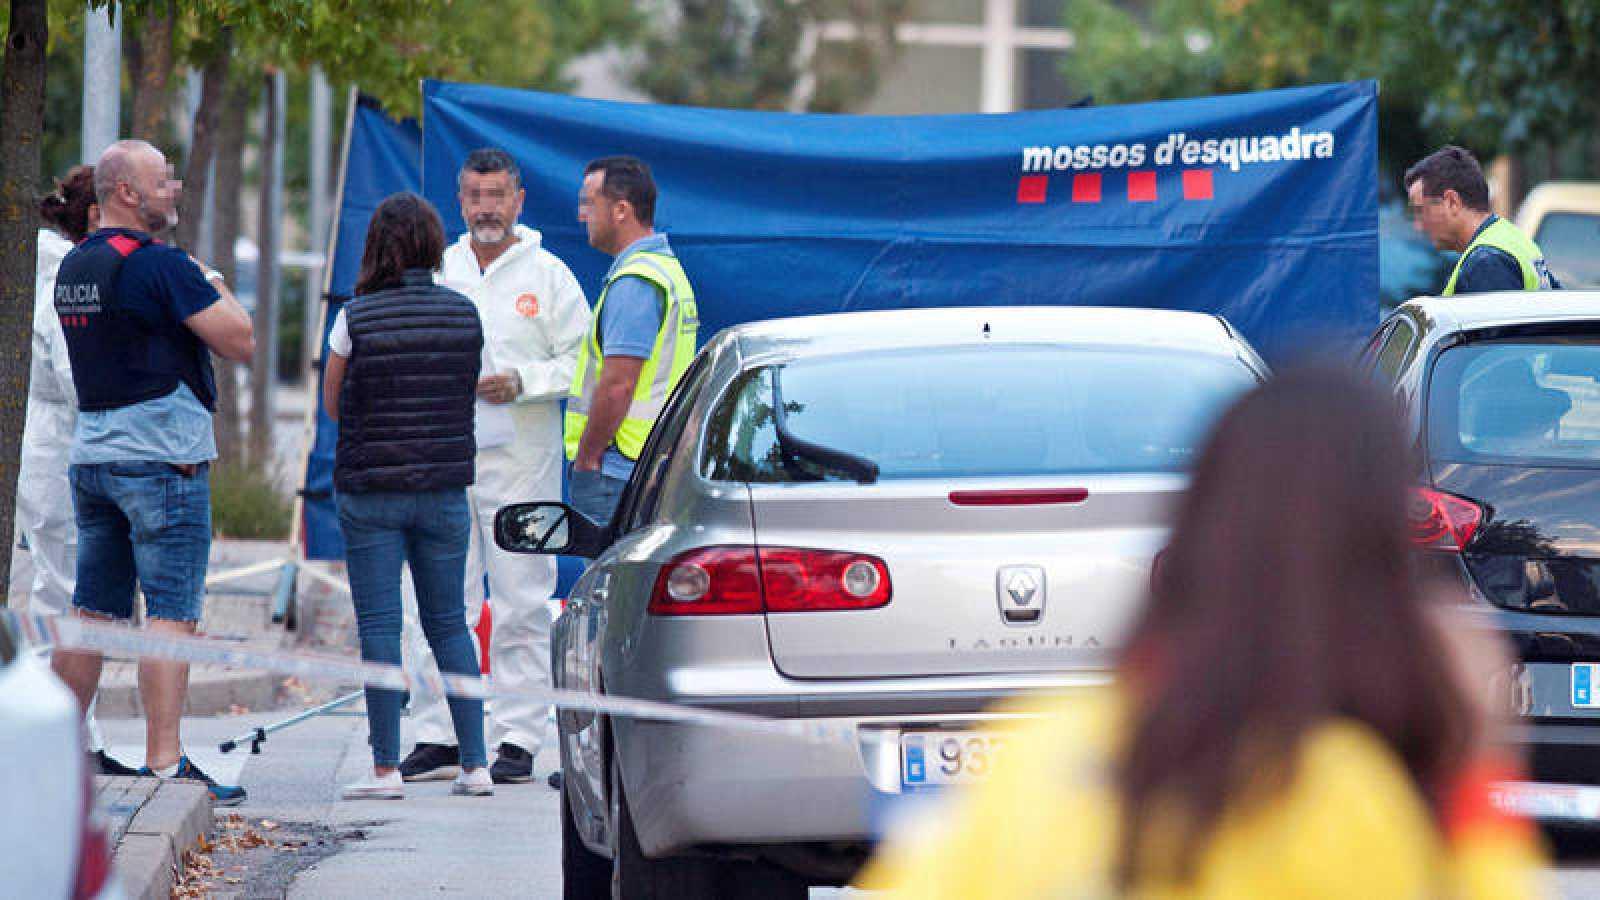 Mossos d'Esquadra en Sant Joan Les Fonts donde un hombre ha asesinado a su esposa